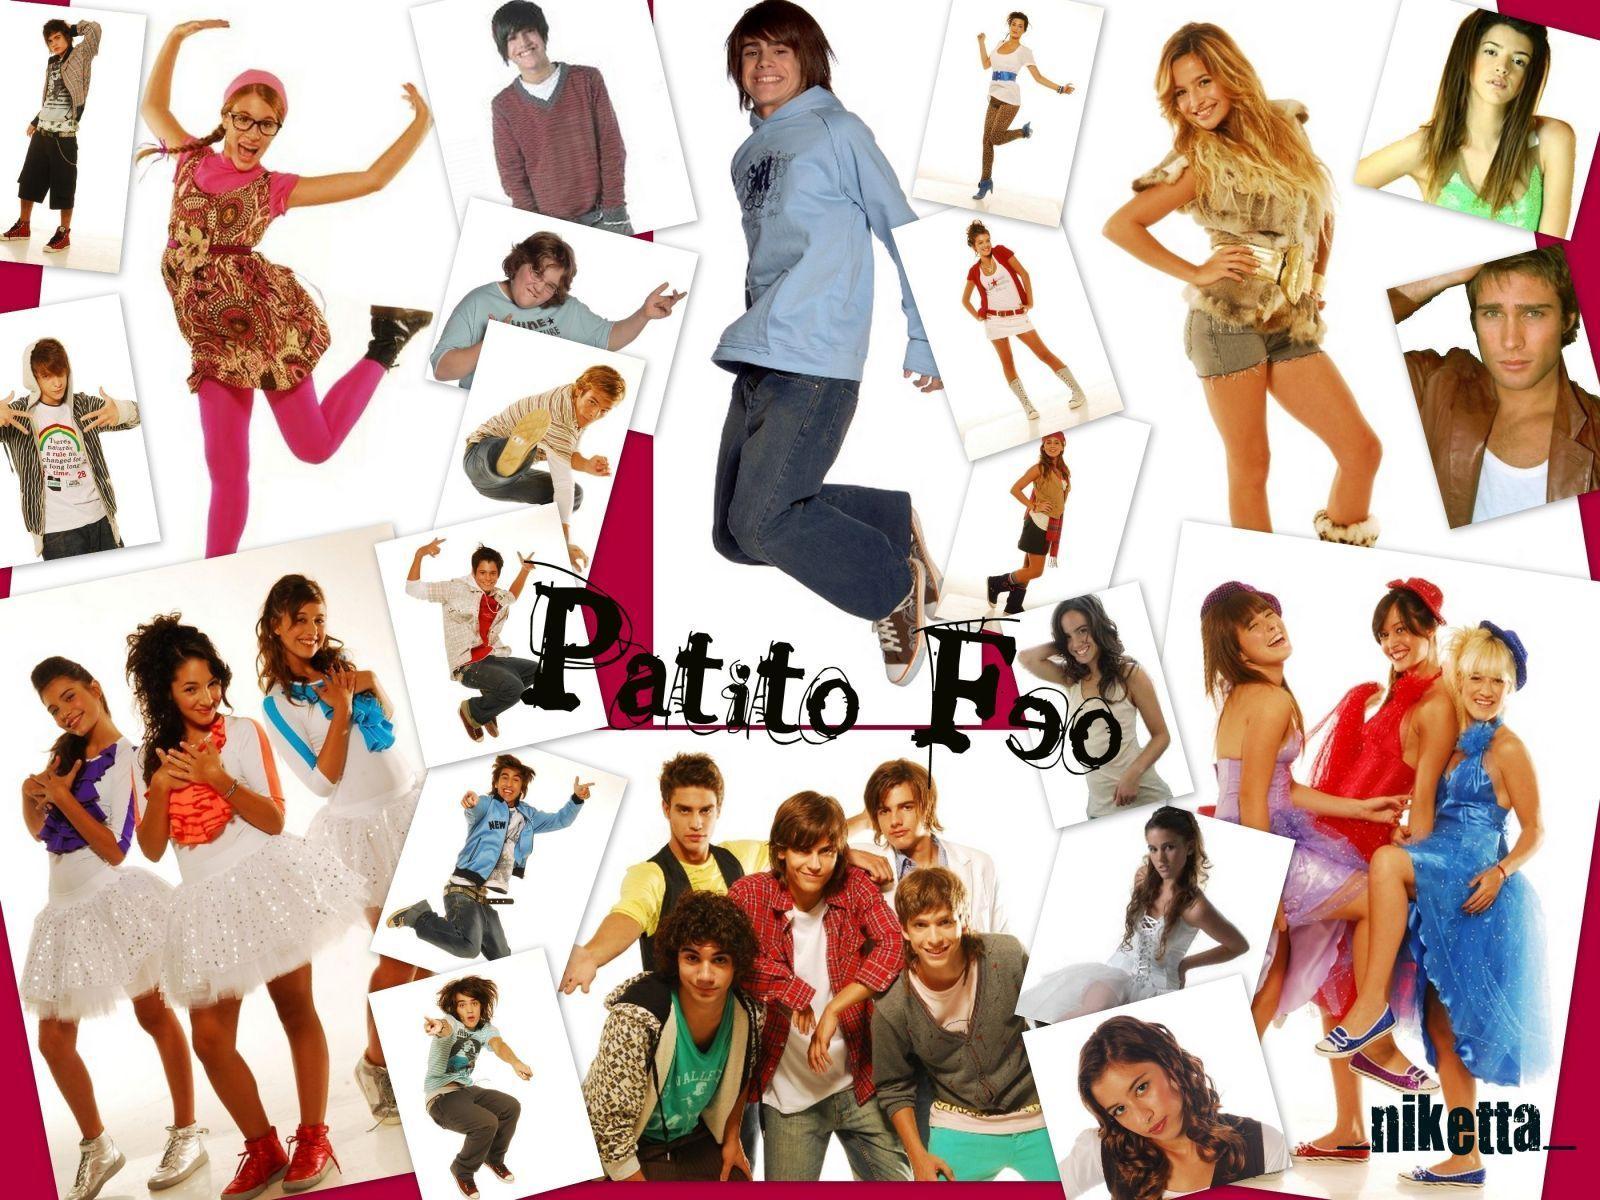 patito feoooo - patito-feo-argentina wallpaper